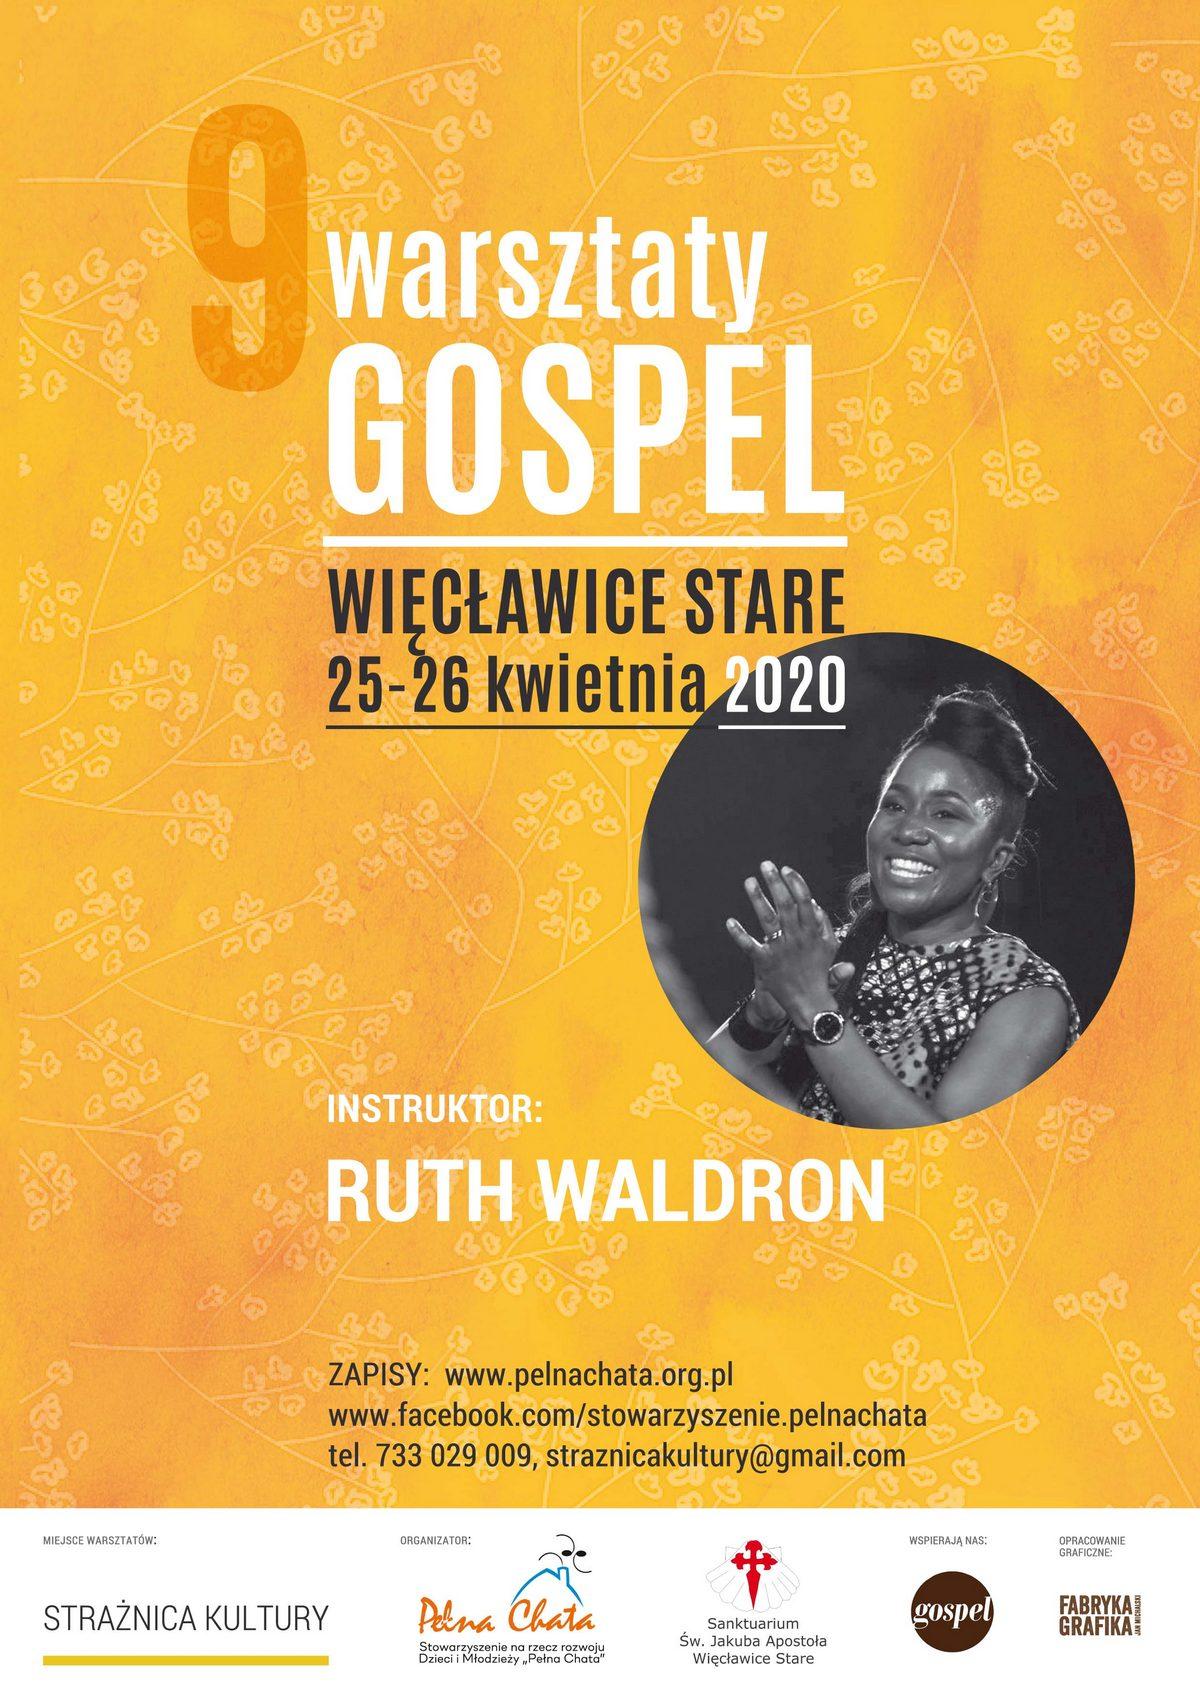 9 Warsztaty Gospel nadchodzą!